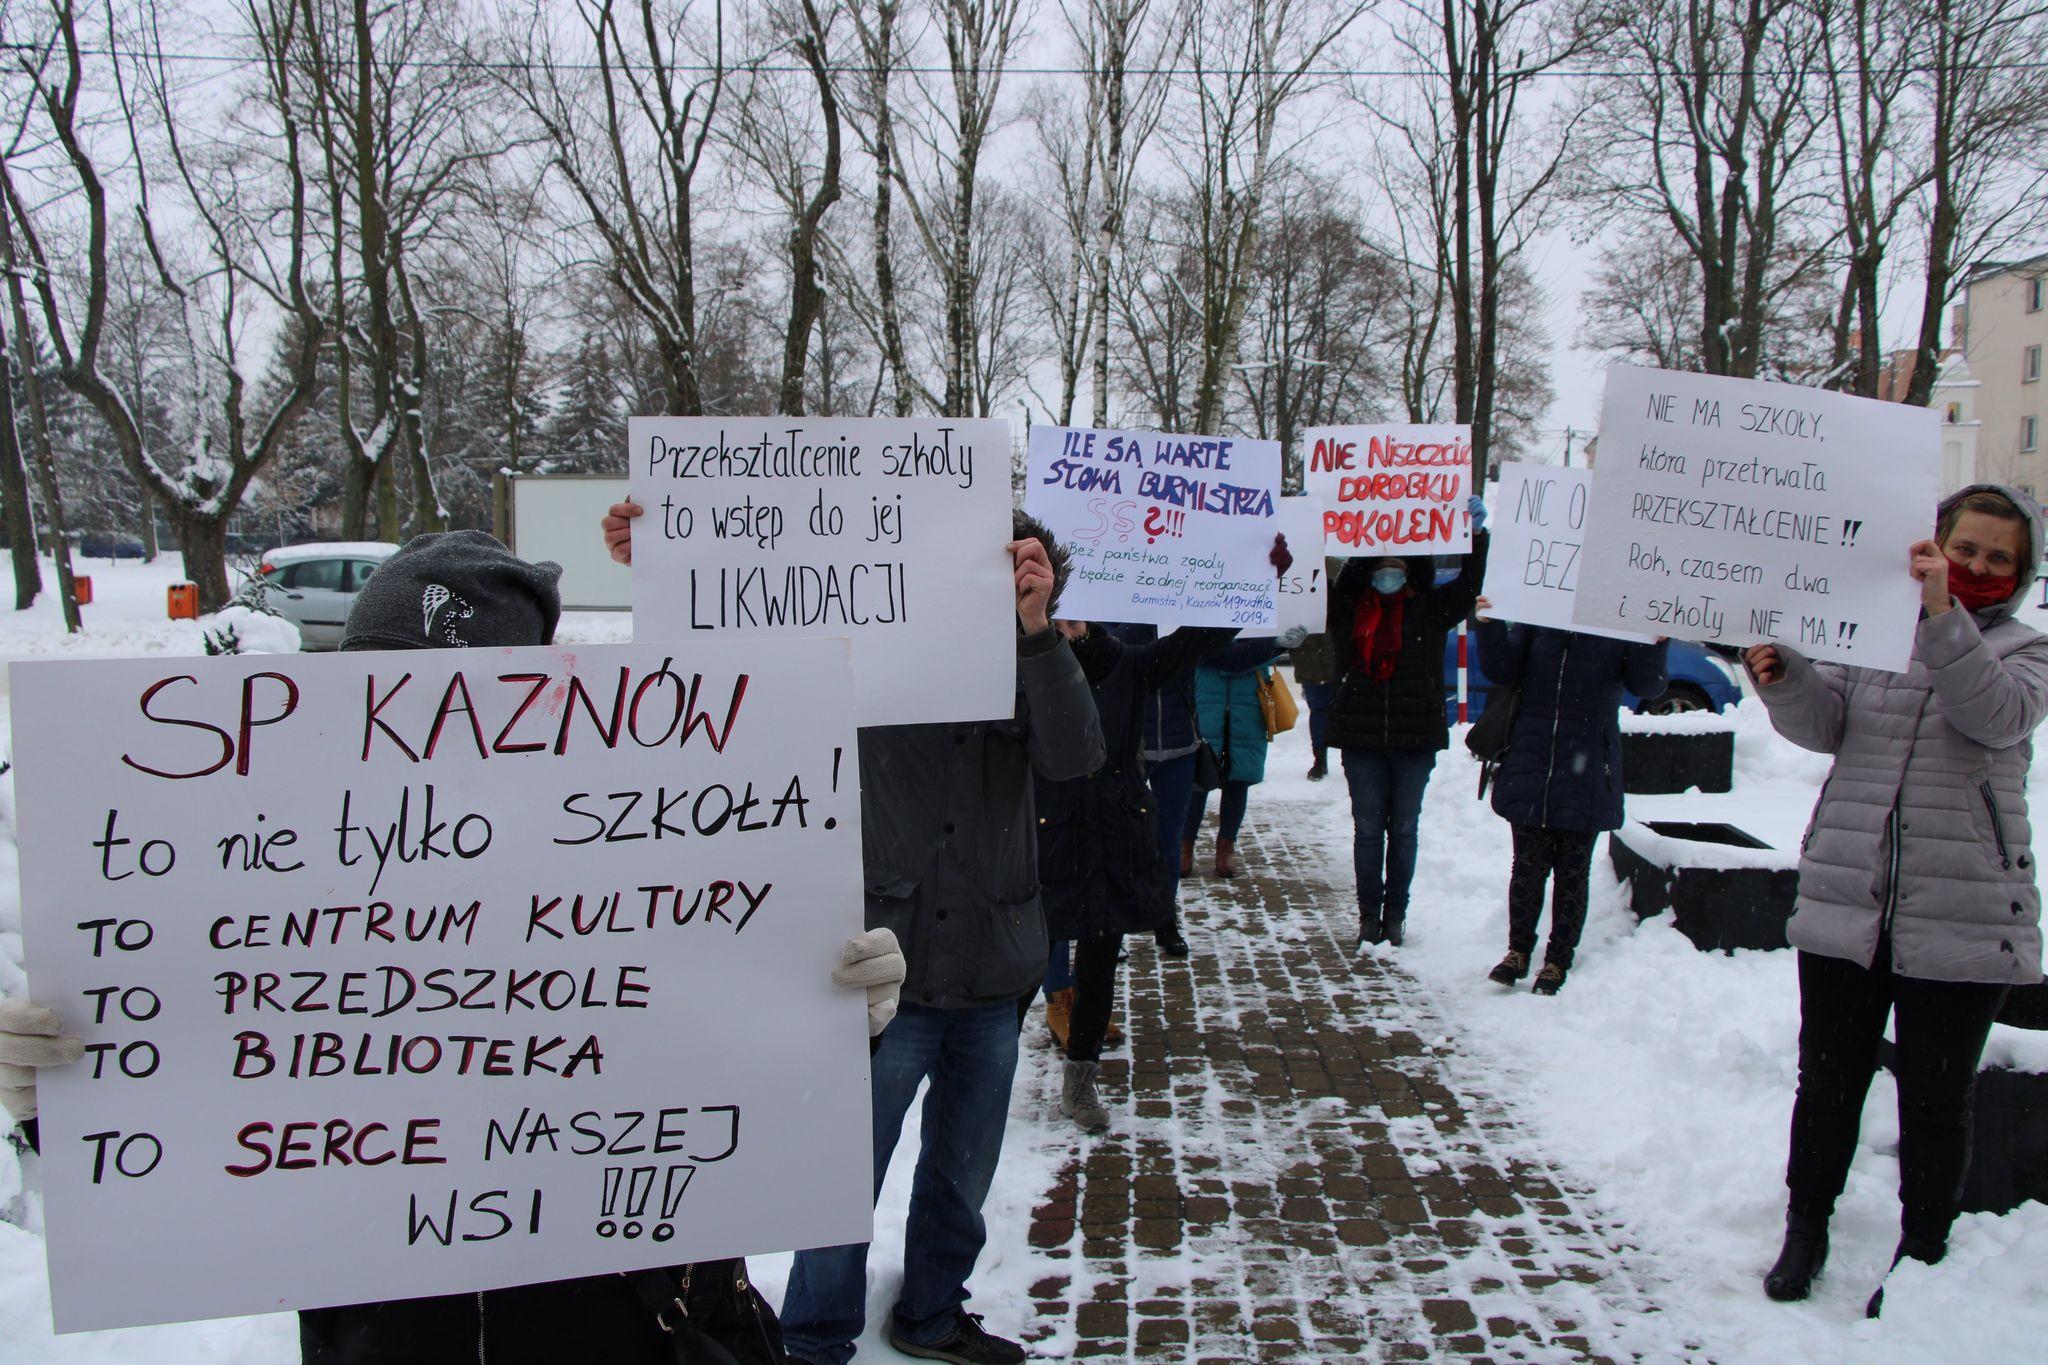 Ostrów Lub.: Radni poparli pomysł przekształcenia szkół. Protest rodziców - Zdjęcie główne